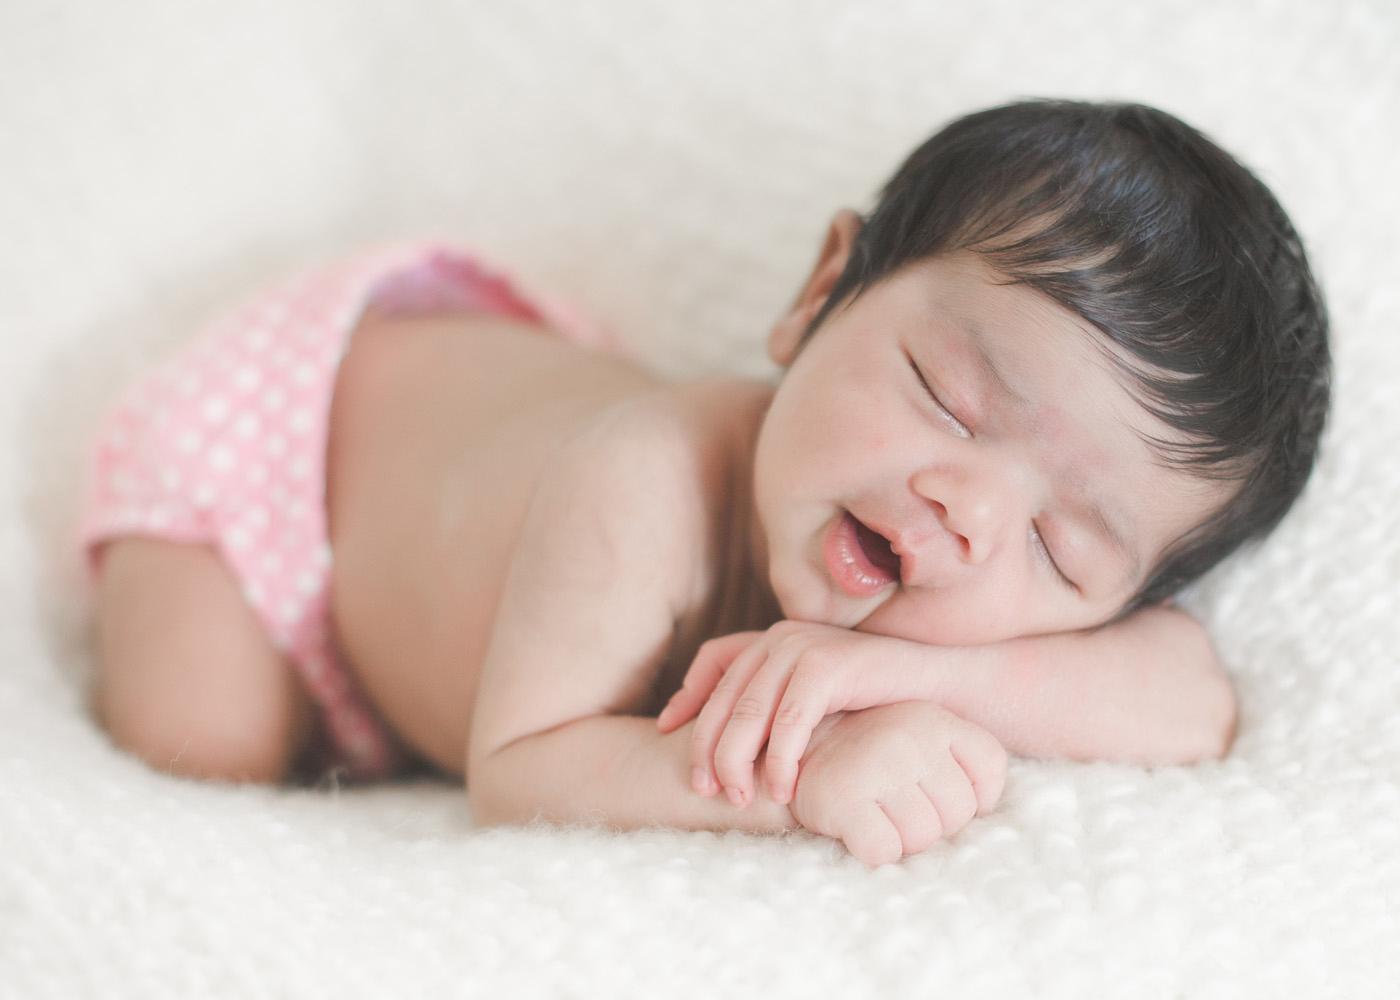 Fotos De Bebes Recém-nascidos